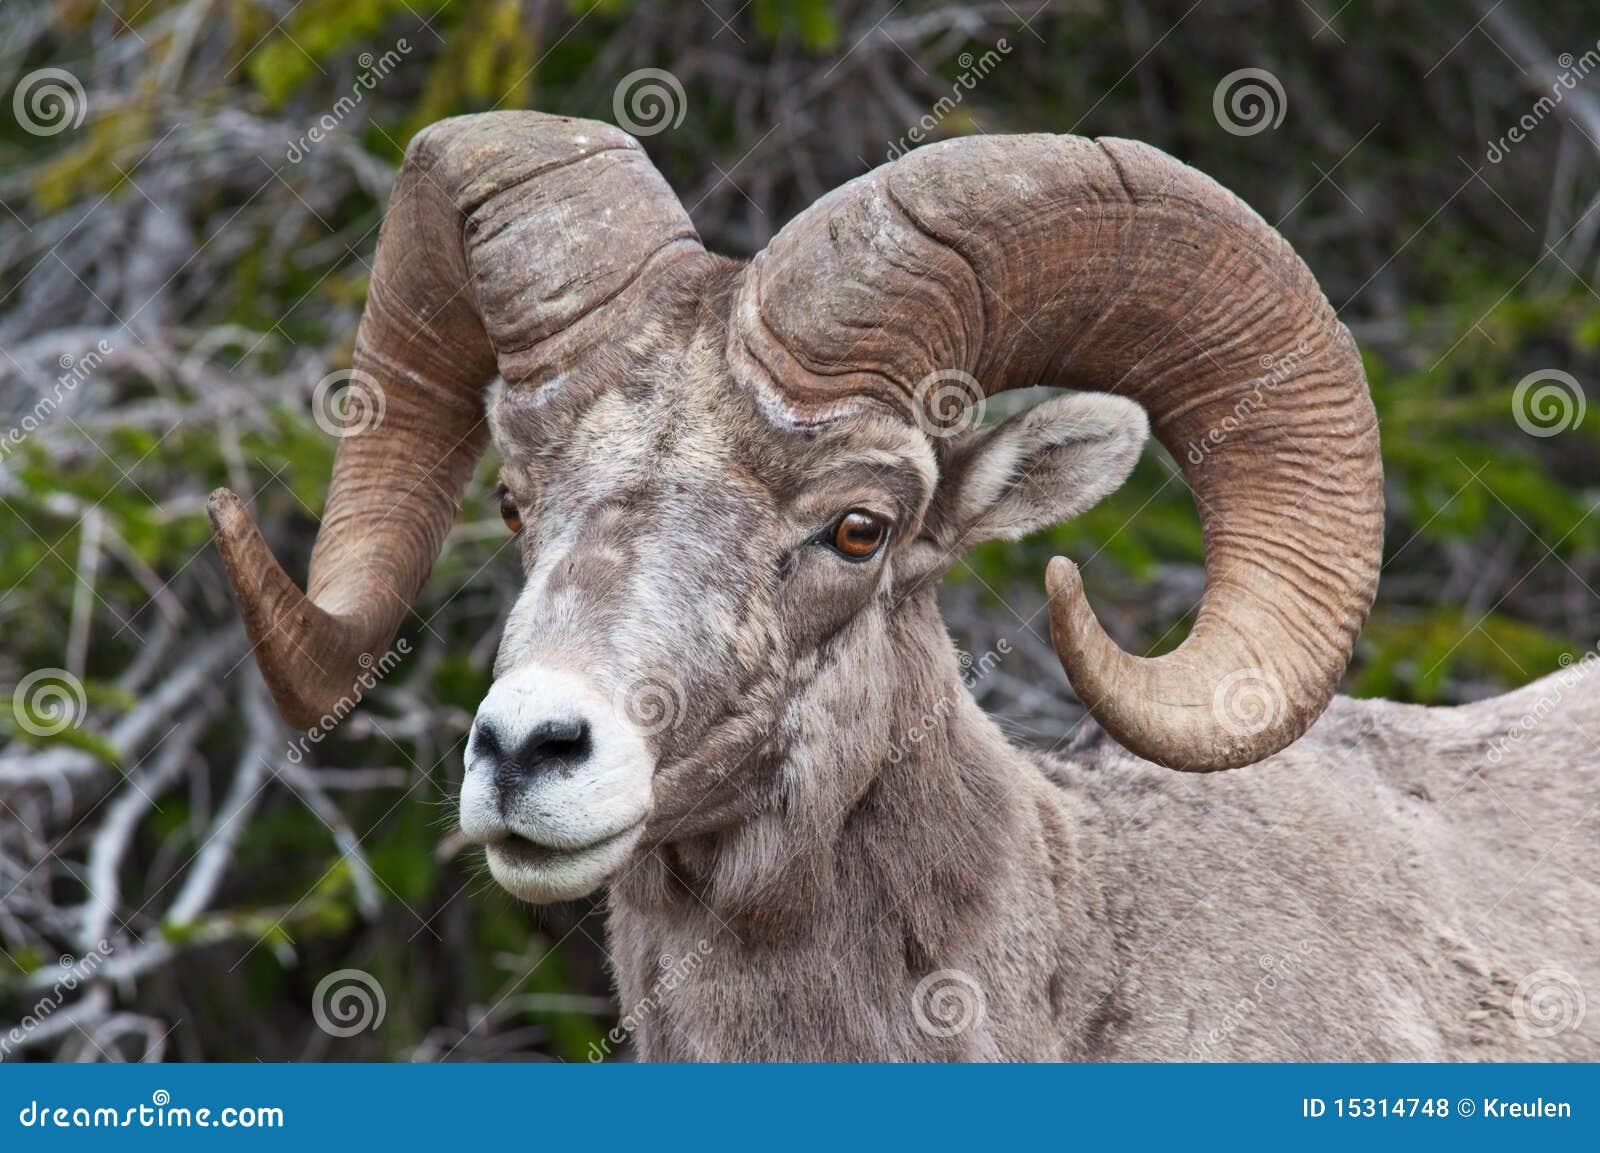 Ram Big Horn >> Big Horn Sheep Royalty Free Stock Photos - Image: 15314748